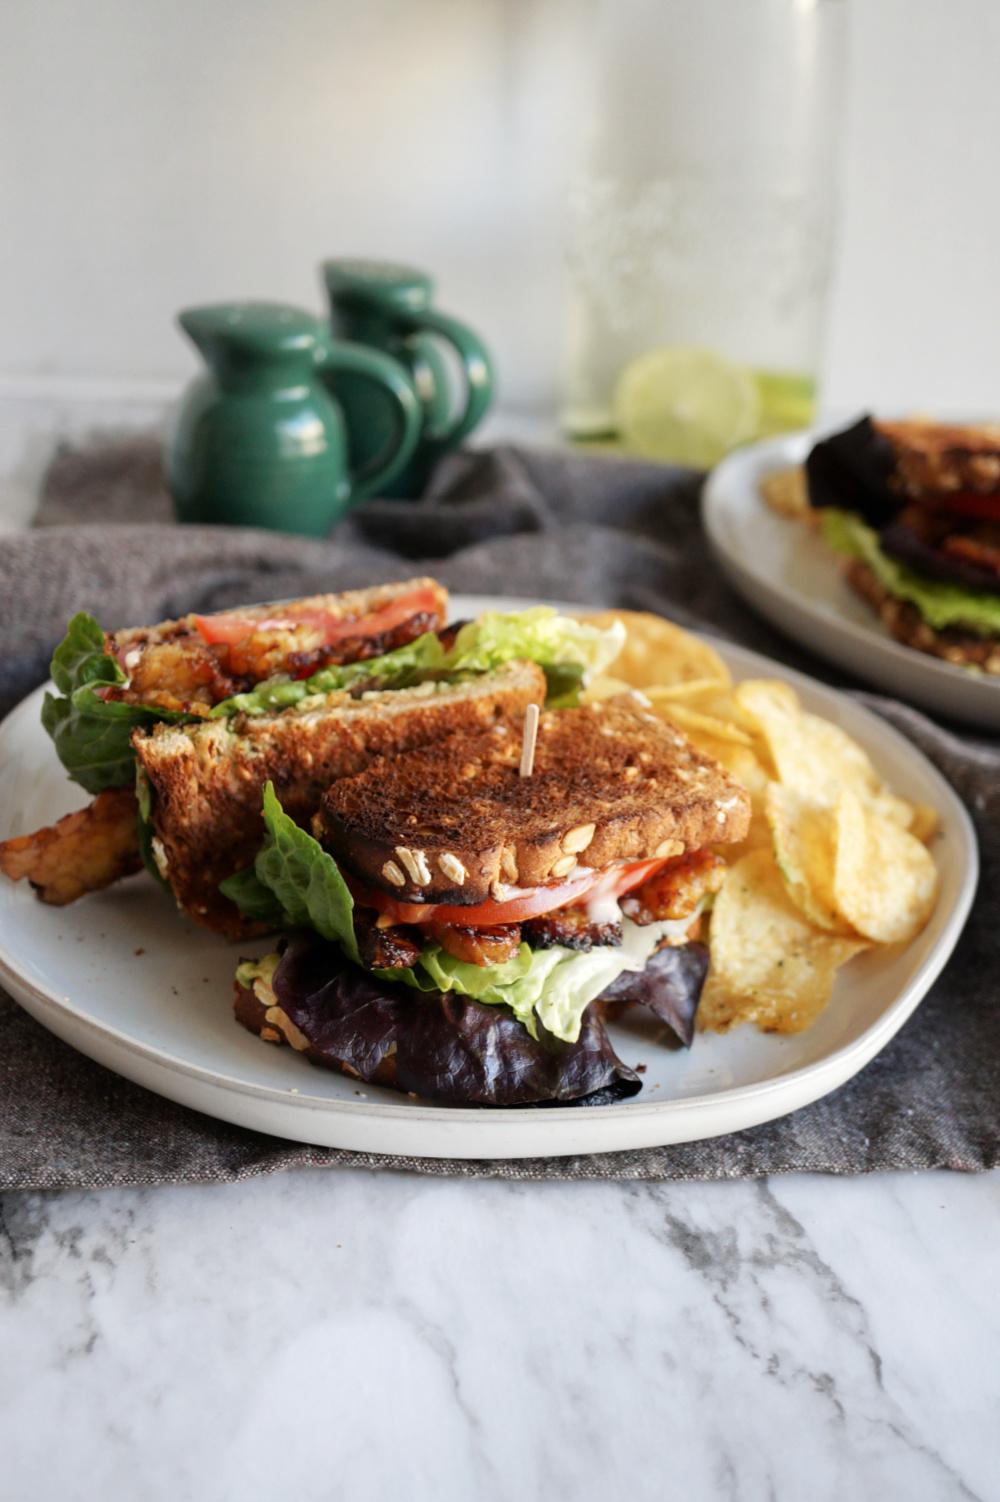 sandwich cut in half on plate